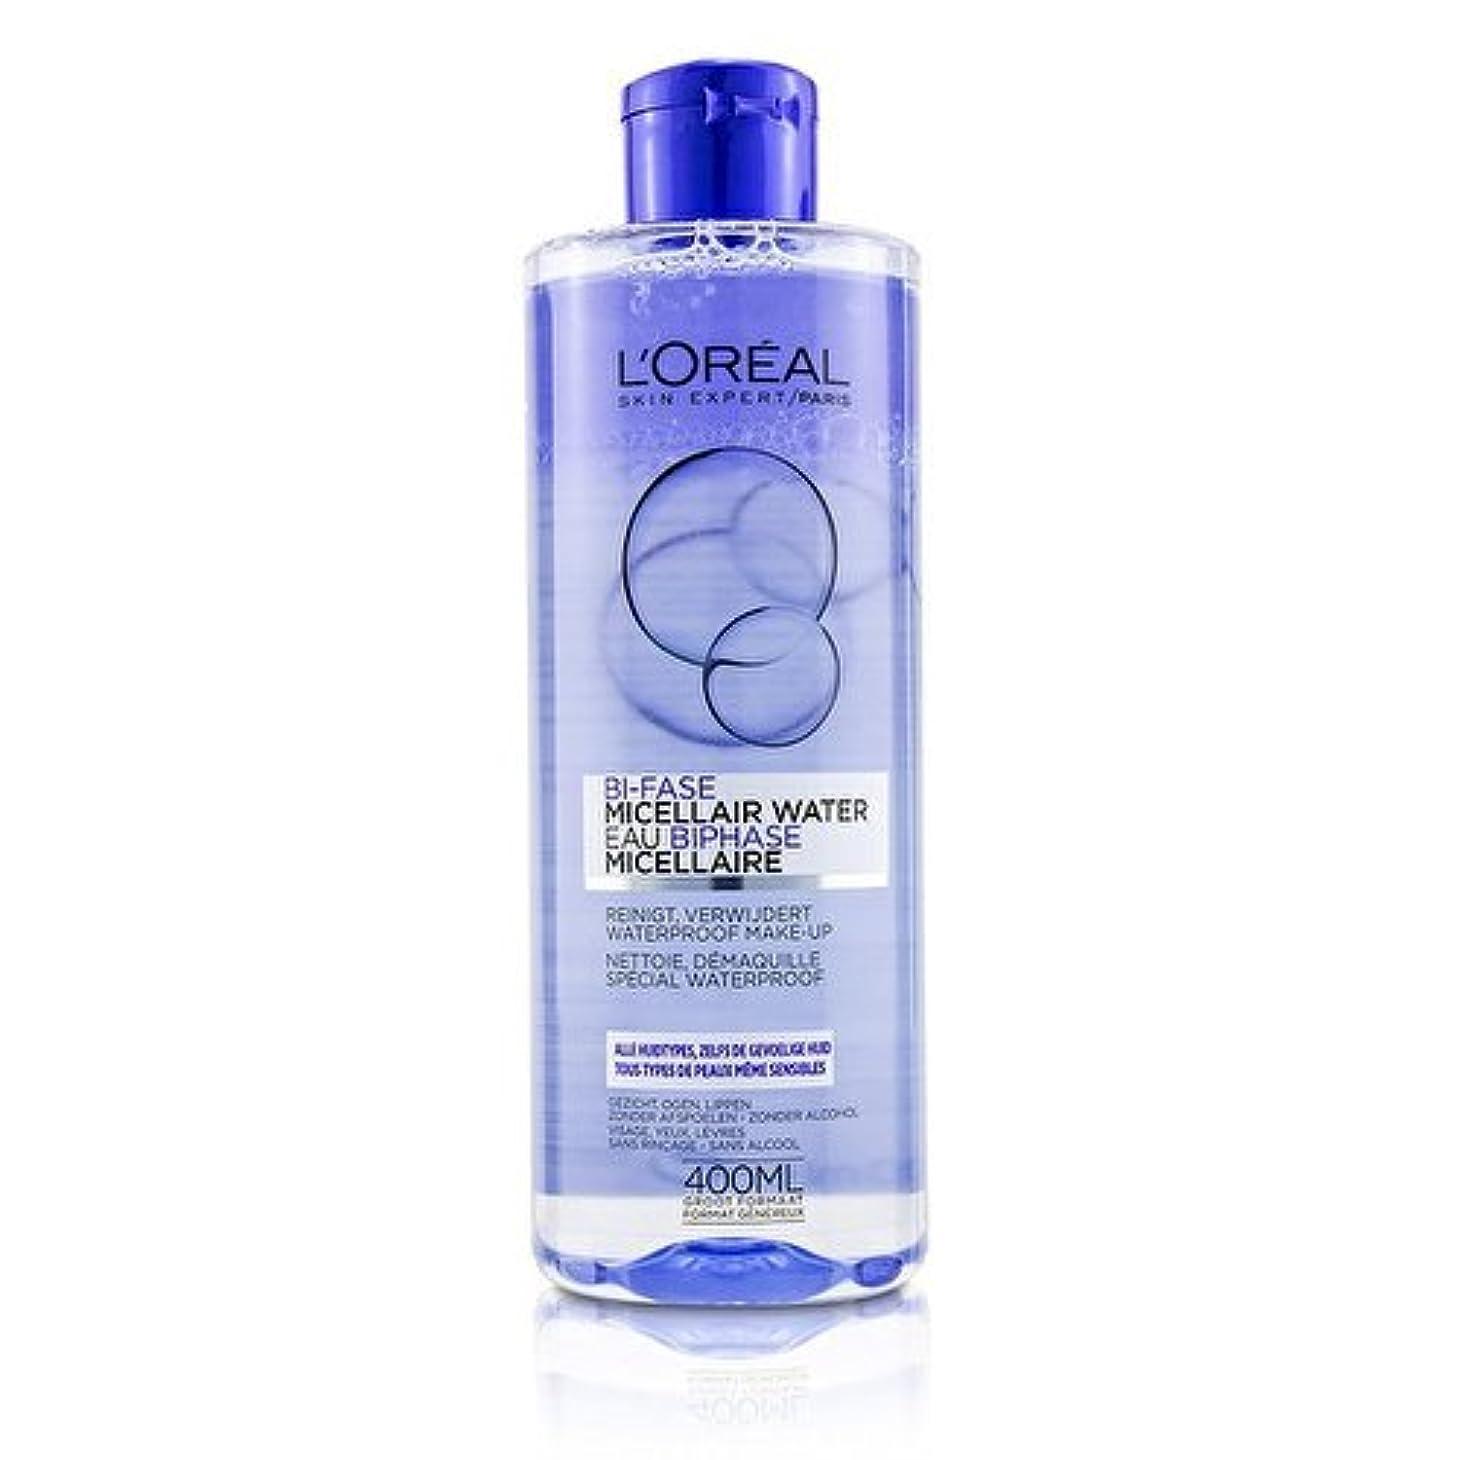 最小化する適度に昇進ロレアル Bi-Phase Micellar Water (Bi-Fase Micellair Water) - For All Skin Types, even Sensitive Skin 400ml/13.3oz並行輸入品